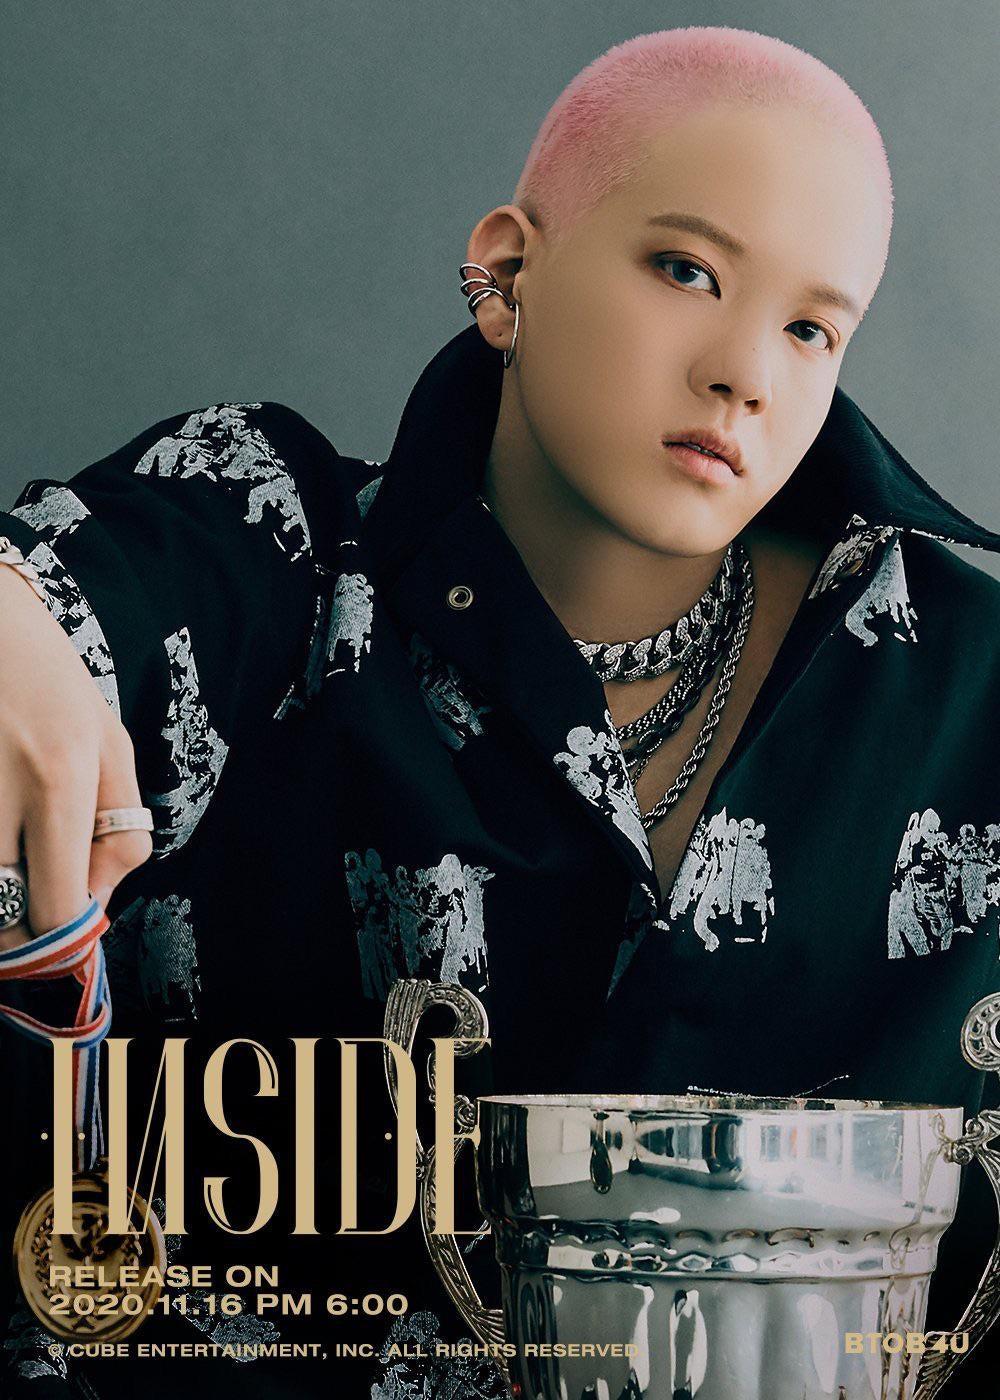 BTOB 4U Starts Releasing Teaser Ahead of Debut with Mini Album 'INSIDE'